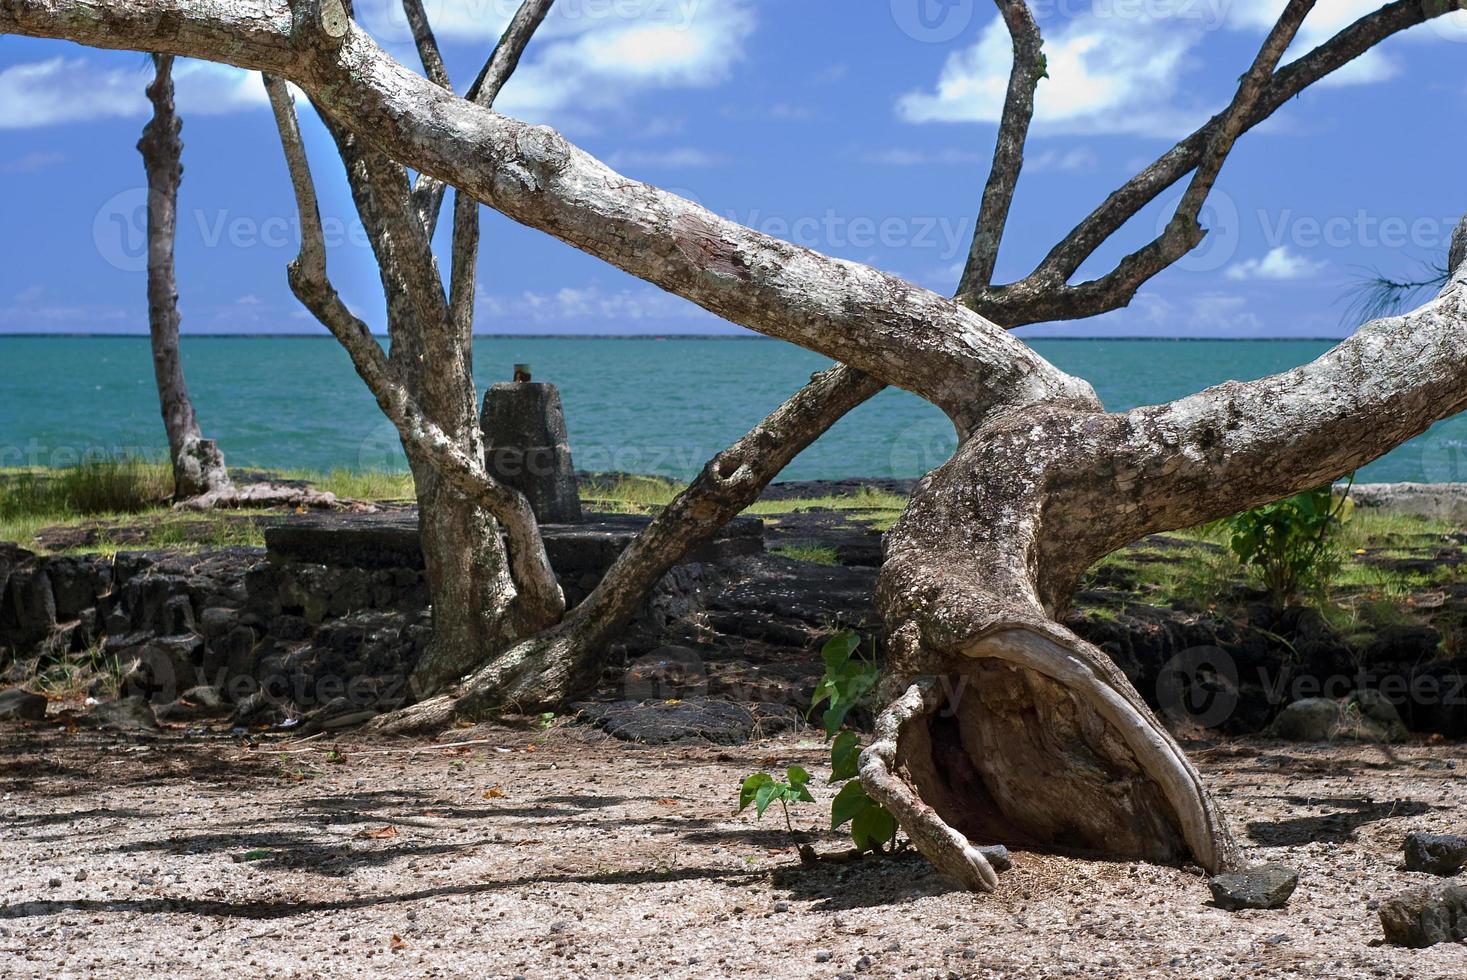 Kokosnussinsel Strand mit tropischen Bäumen und Sand foto